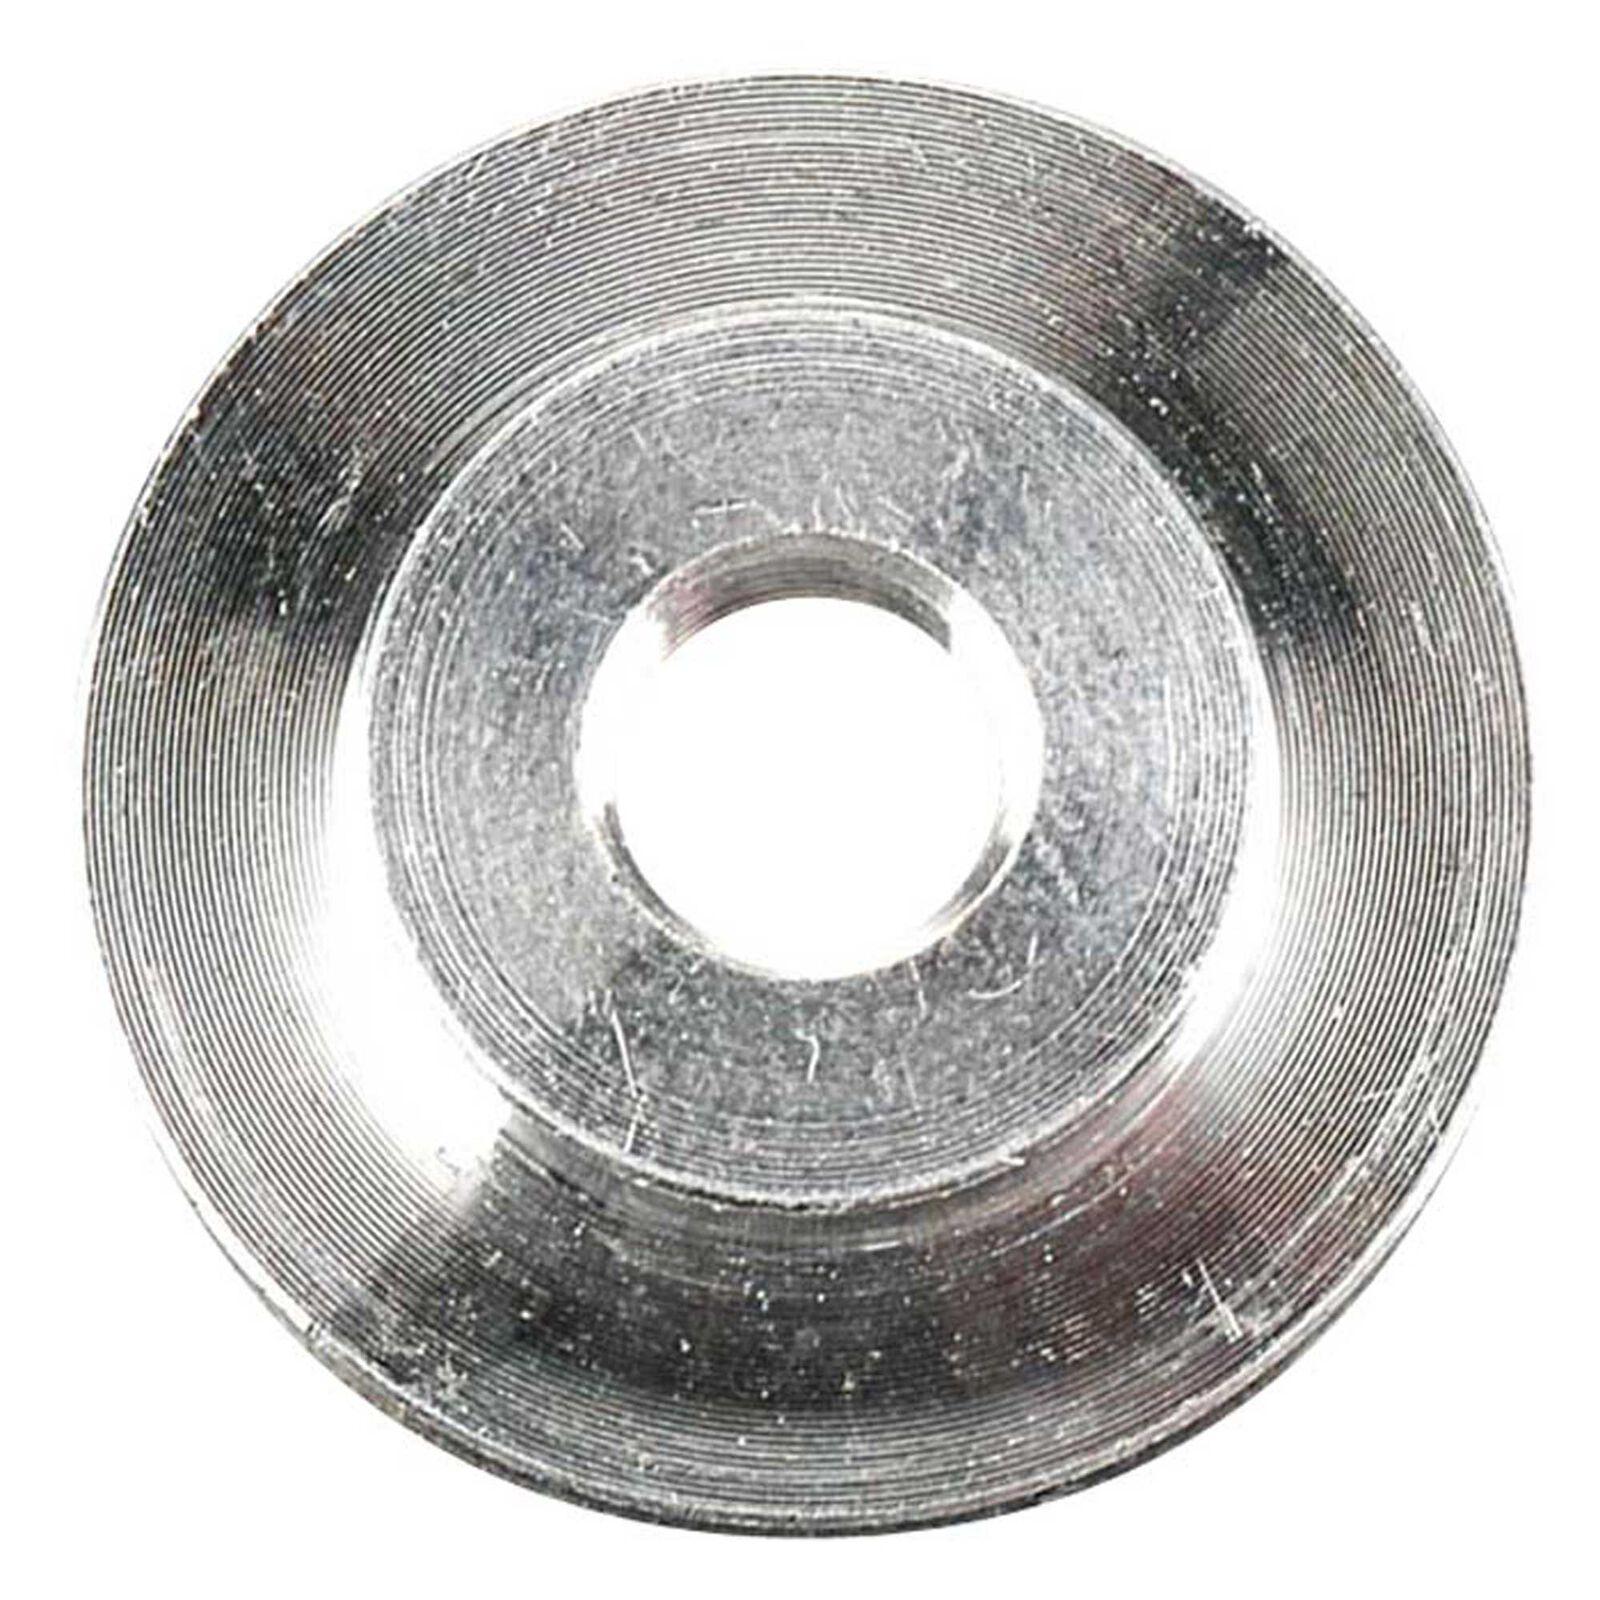 Cylinder Head: .25AX